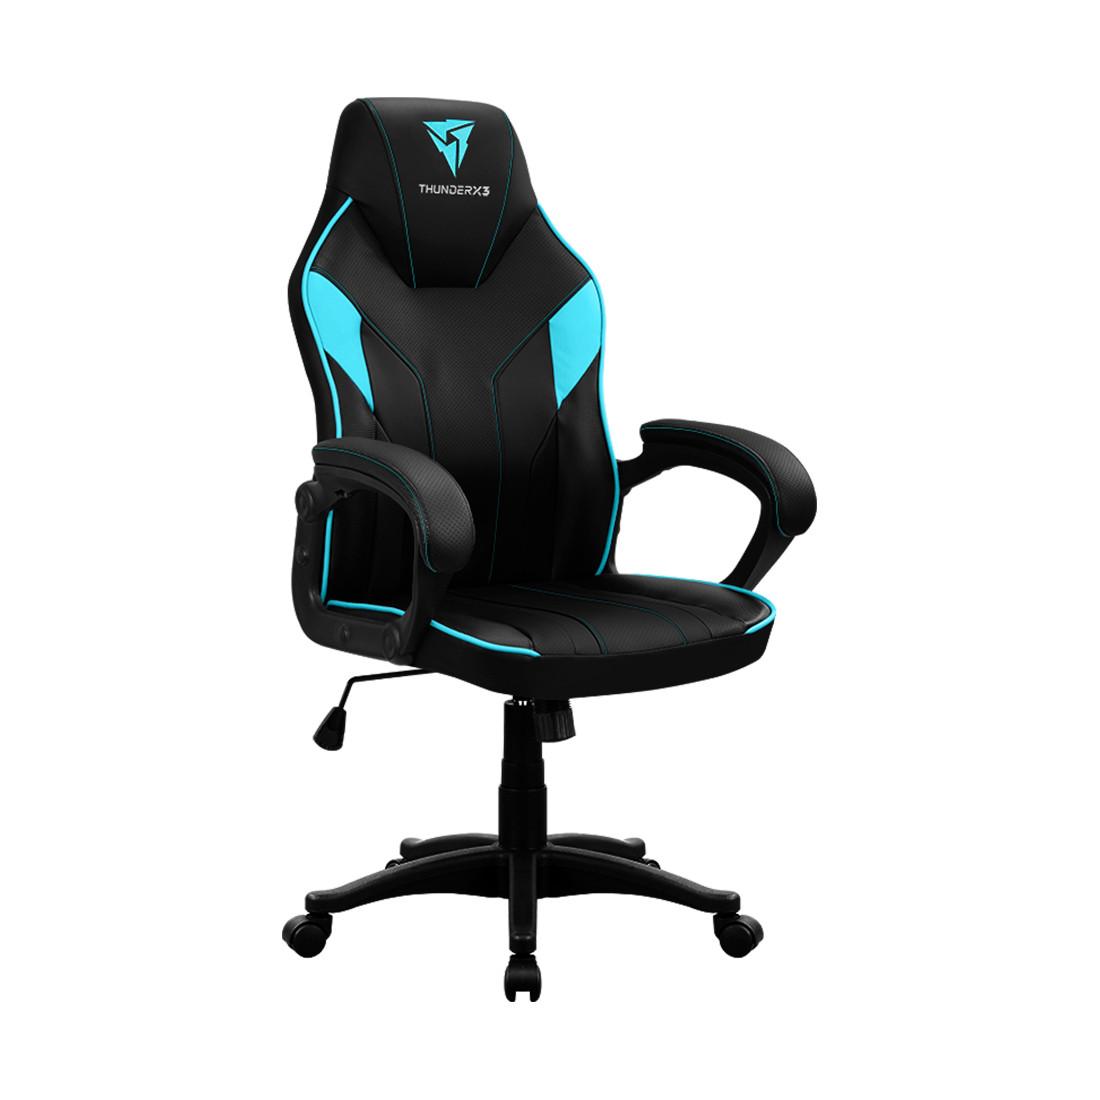 Игровое компьютерное кресло, ThunderX3, EC1 BC, Искусственная кожа PU AIR, (Ш)64*(Г)70*(В)111 (121)